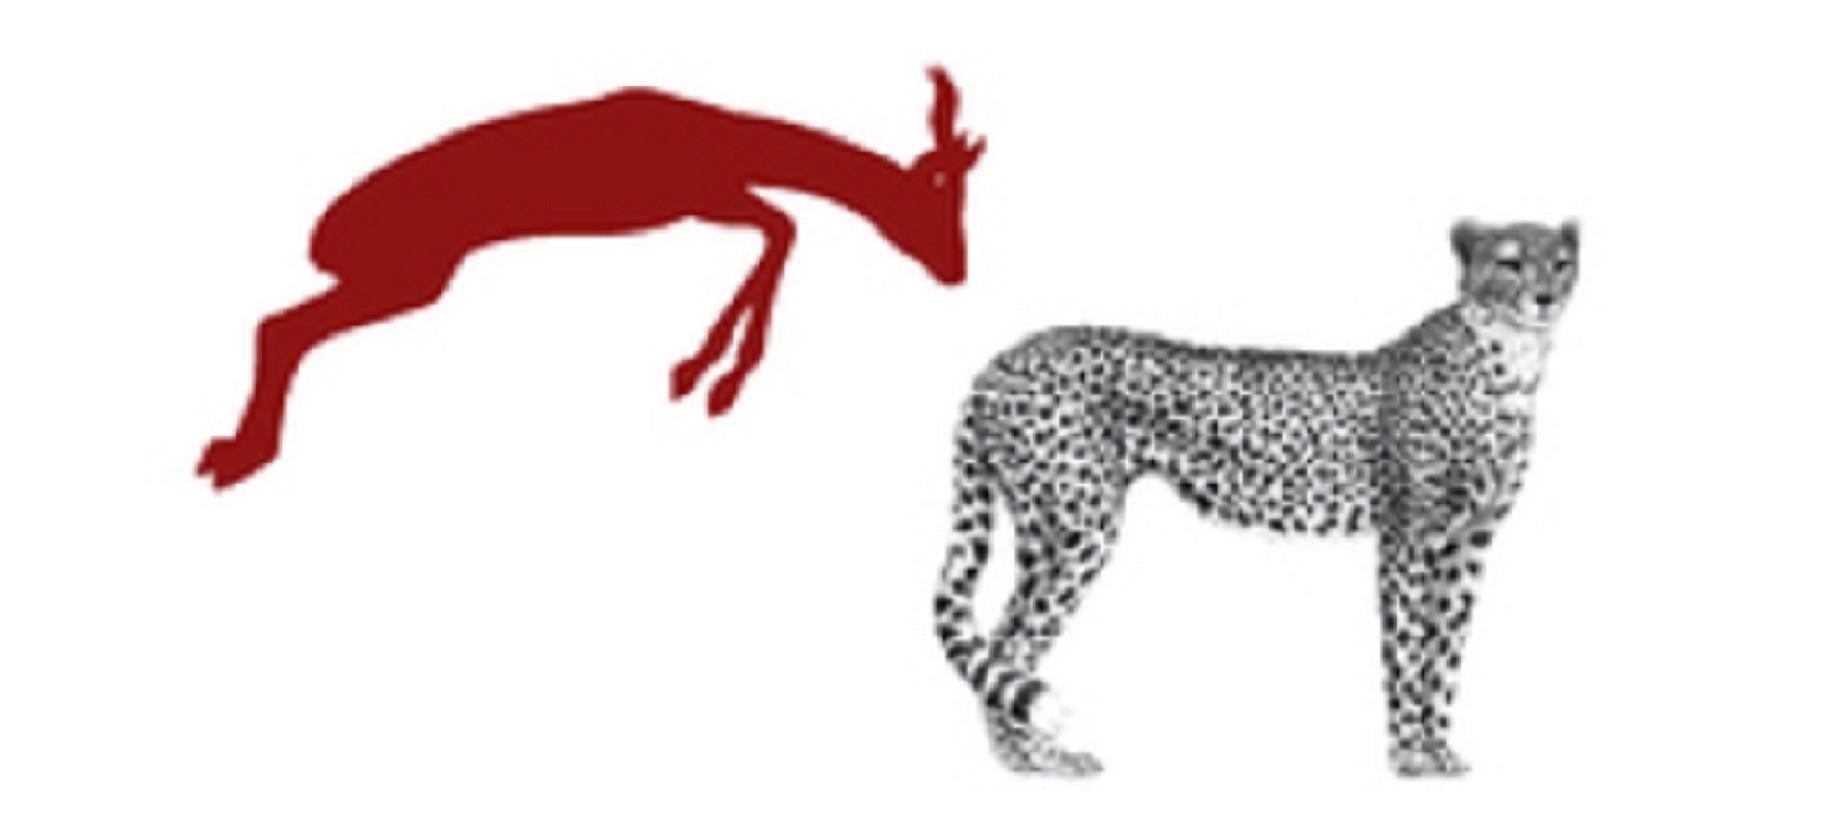 Cubierta La naturaleza de las gacelas.indd